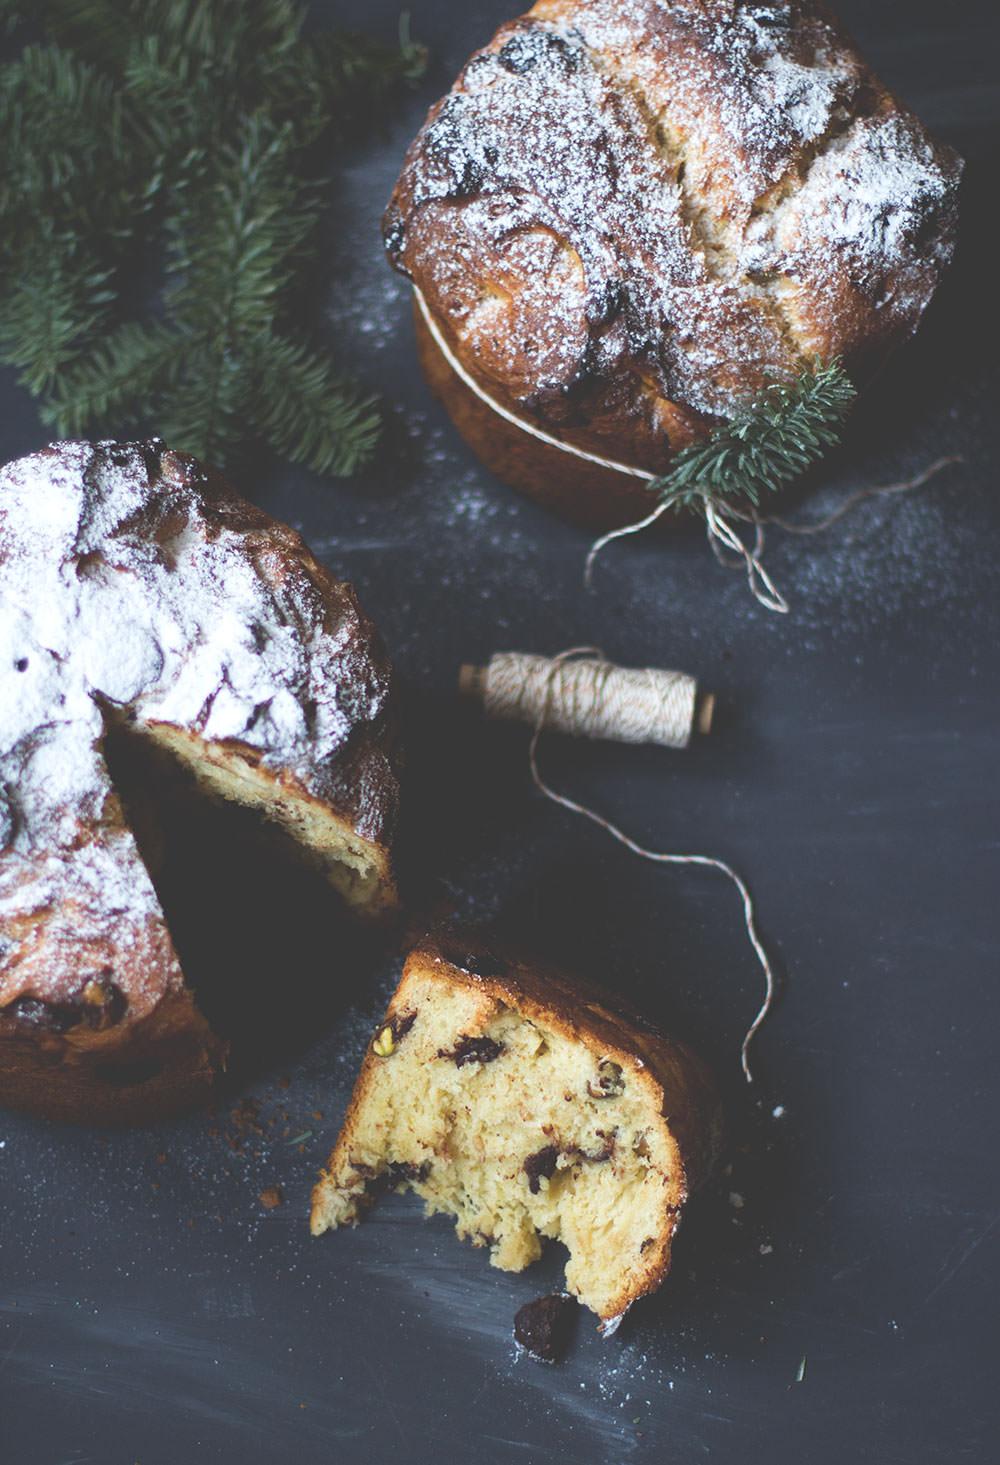 Rezept für Schokoladen-Pistazien-Panettone | weihnachtliches Hefegebäck | moeyskitchen.com #panettone #weihnachten #weihnachtsbäckerei #rezepte #foodblogger